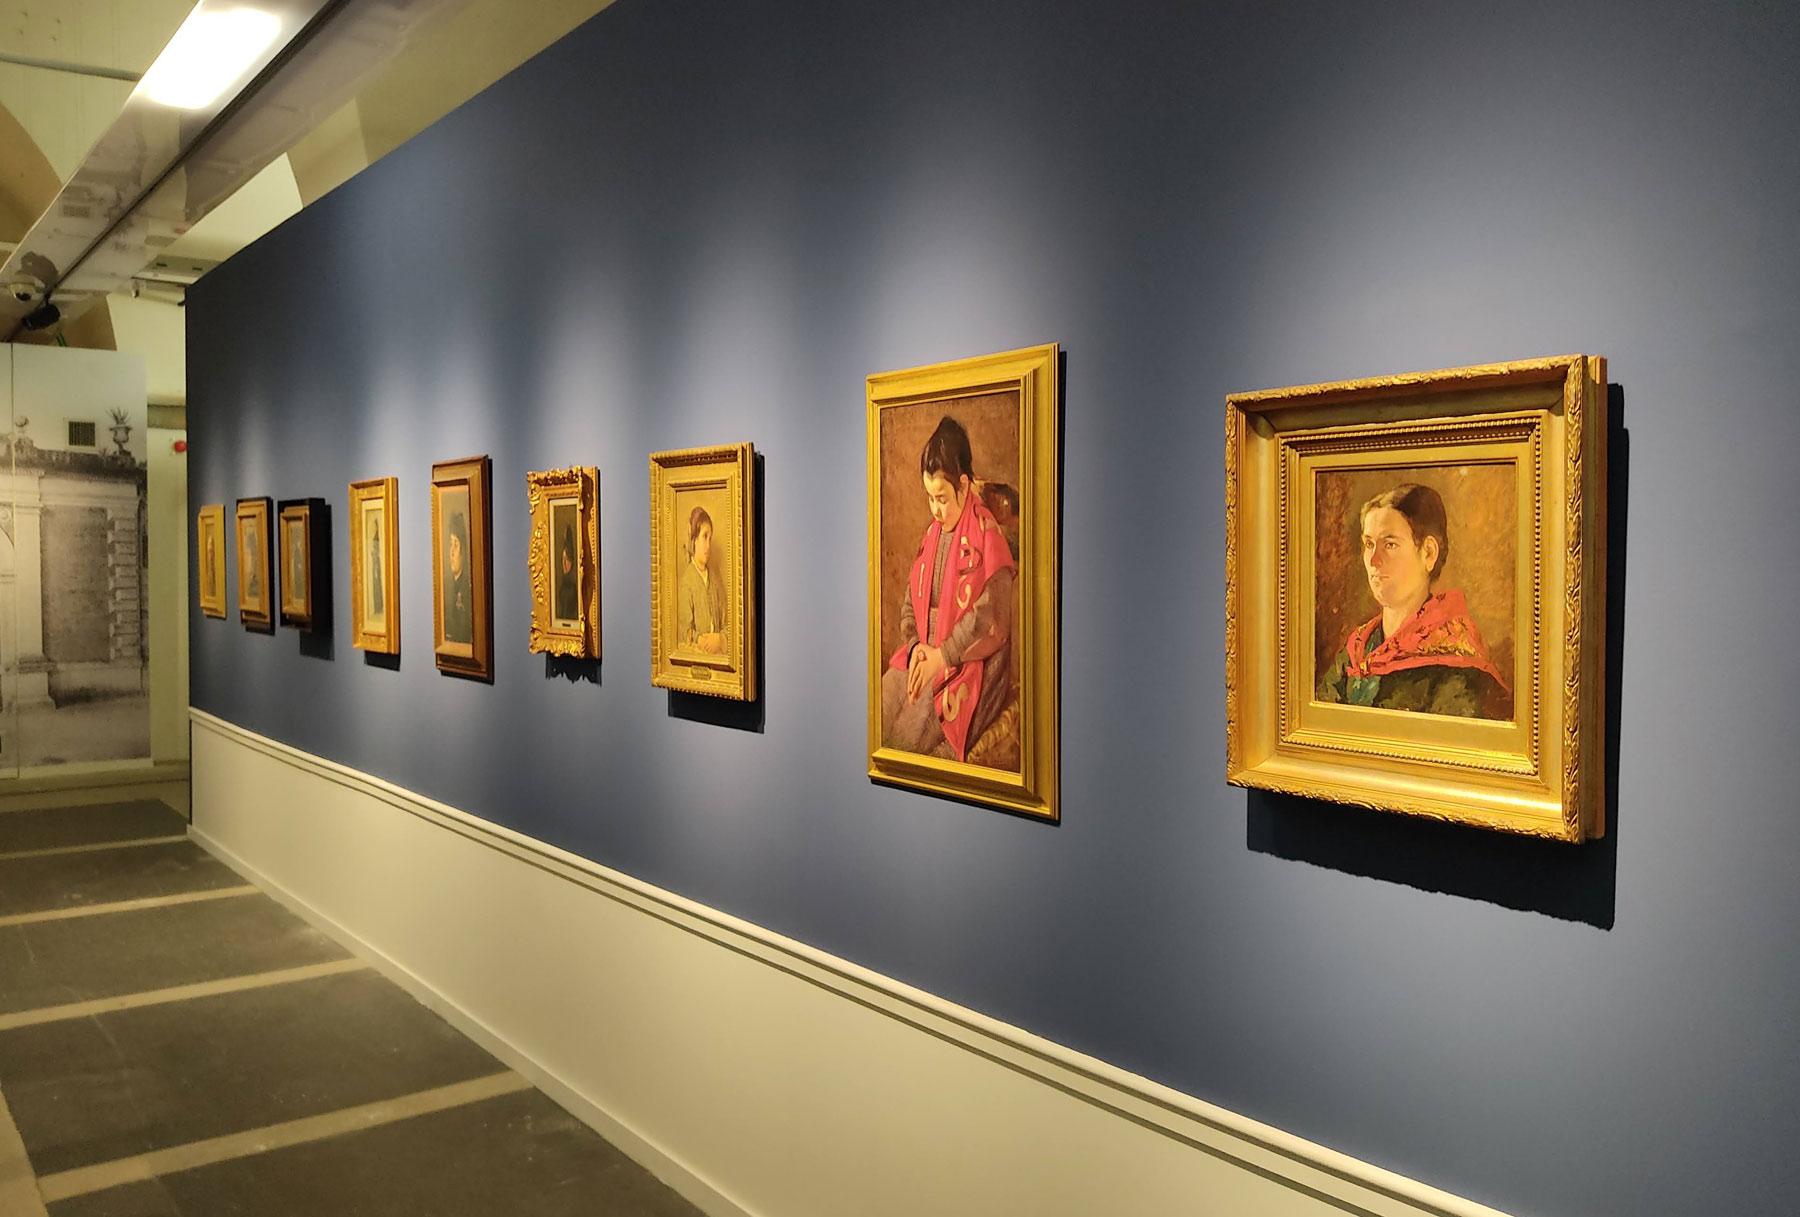 La sezione dei ritratti, la seconda sulla destra Ave Maria di Puccini accostata a Silvestro Lega e Giovanni Fattori